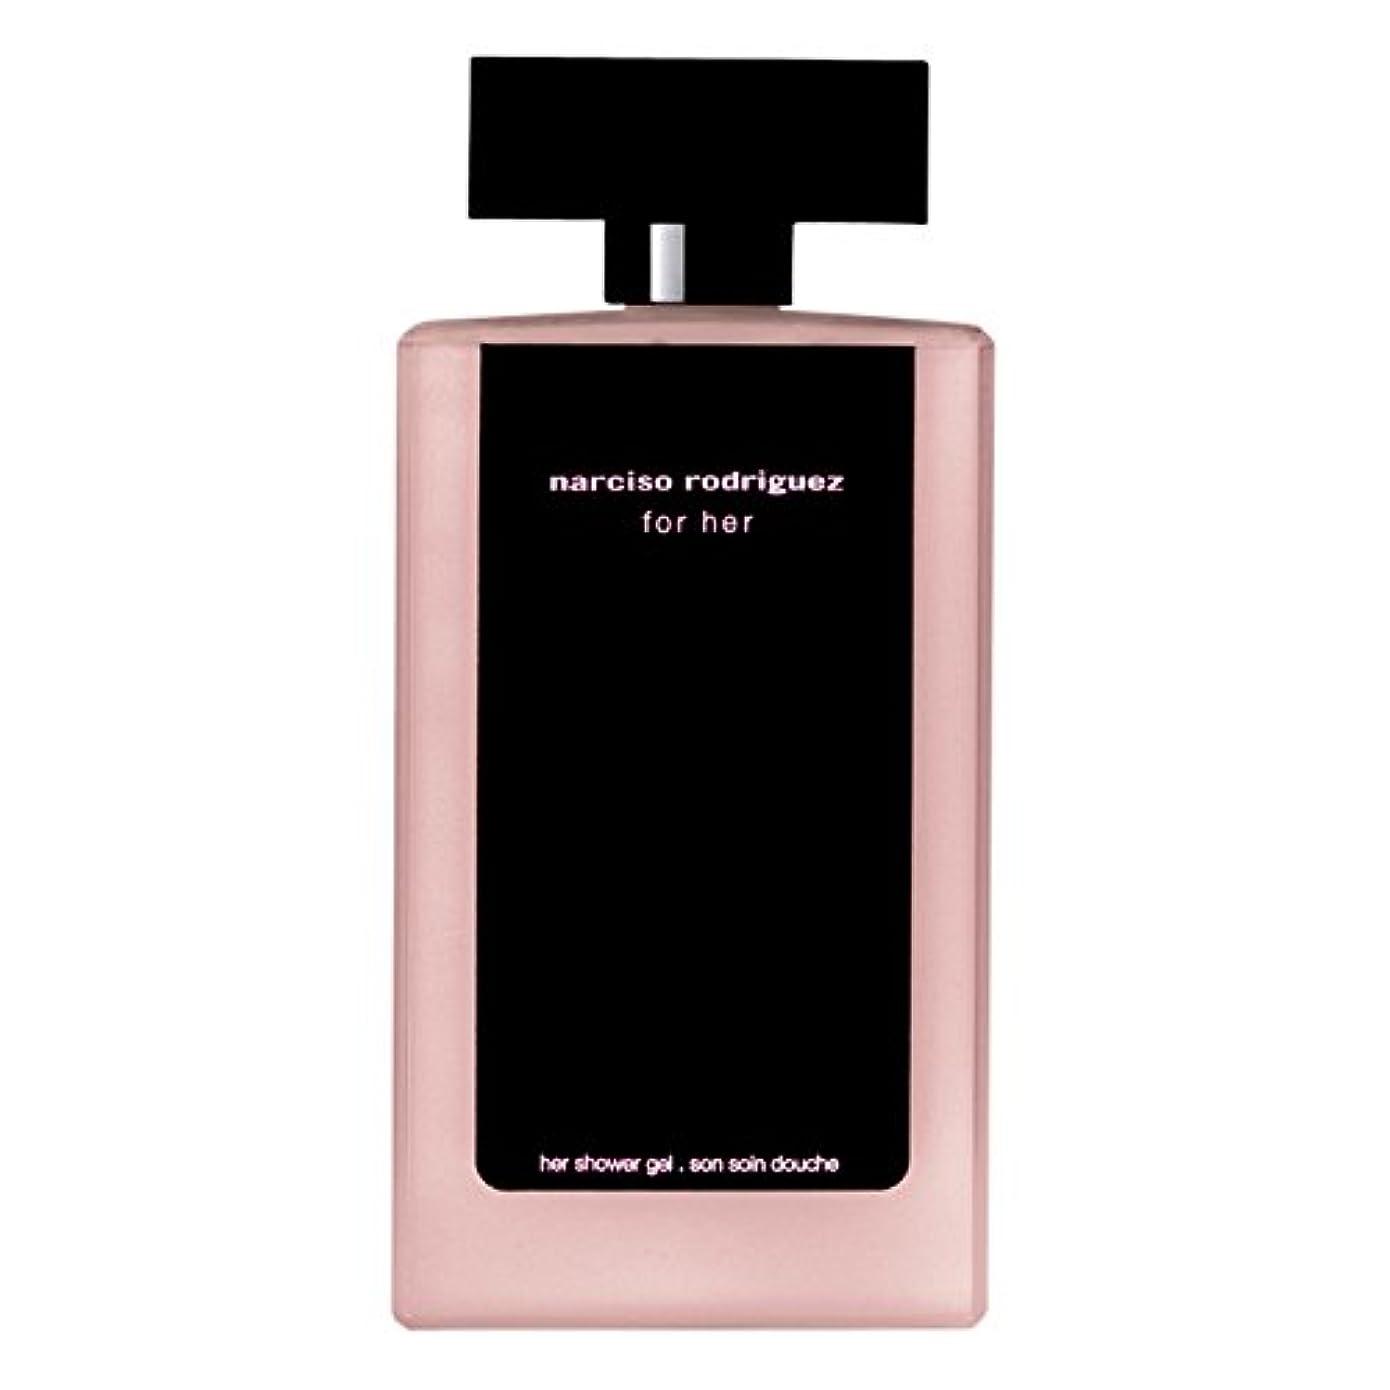 アライメント剥離真っ逆さま彼女のシャワージェル200ミリリットルのためのナルシソ?ロドリゲス (Narciso Rodriguez) (x2) - Narciso Rodriguez for Her Shower Gel 200ml (Pack of 2) [並行輸入品]